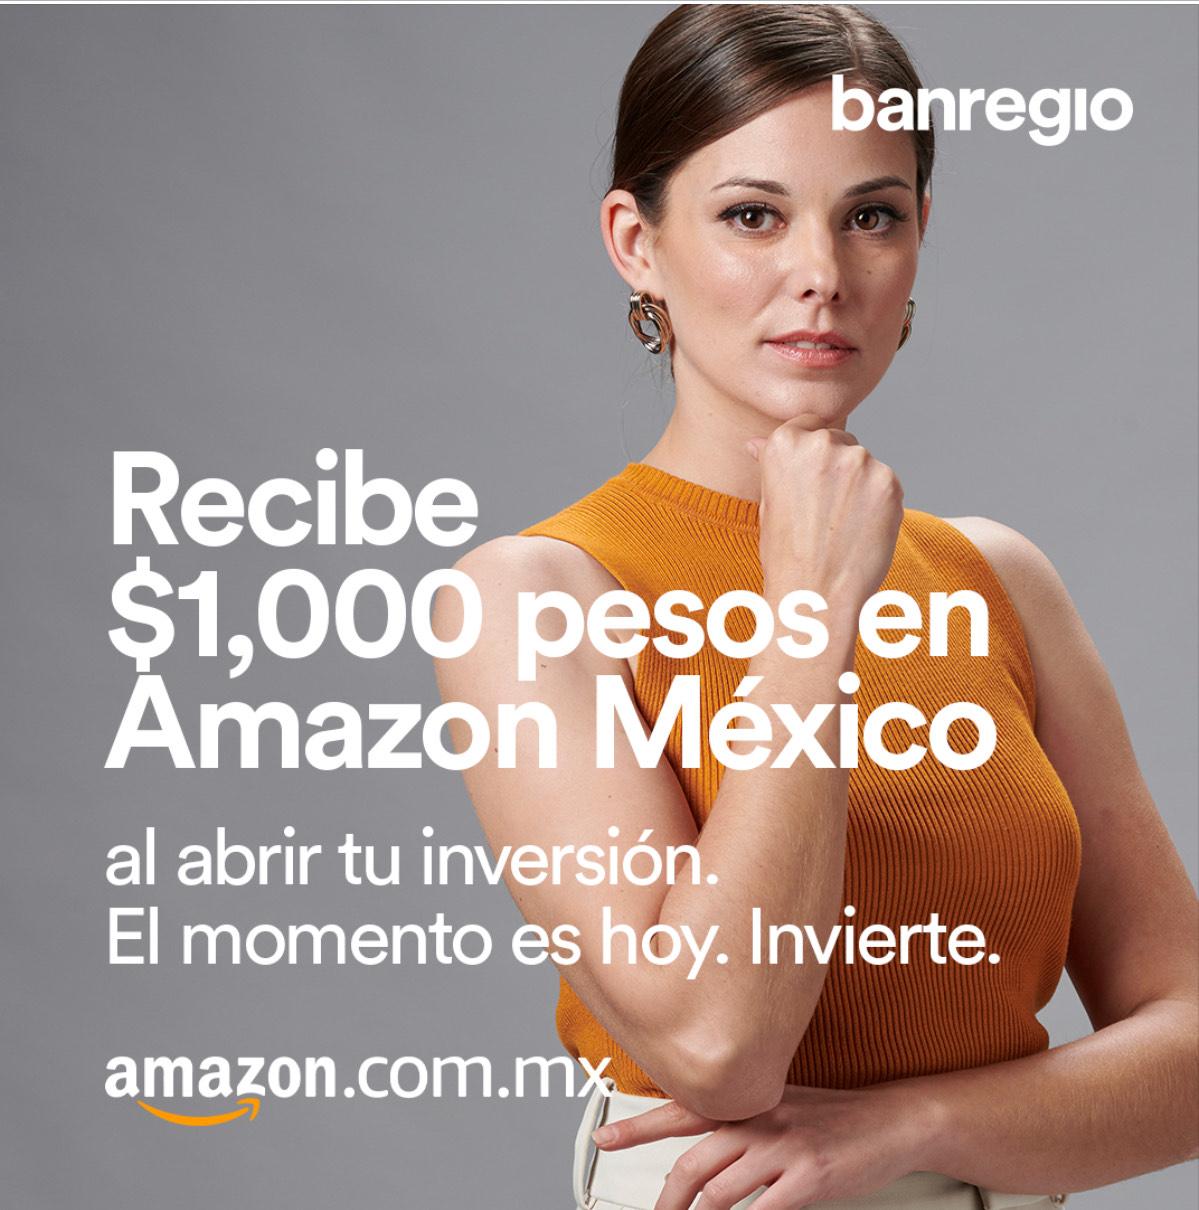 Banregio: Abre un pagaré desde $50,000